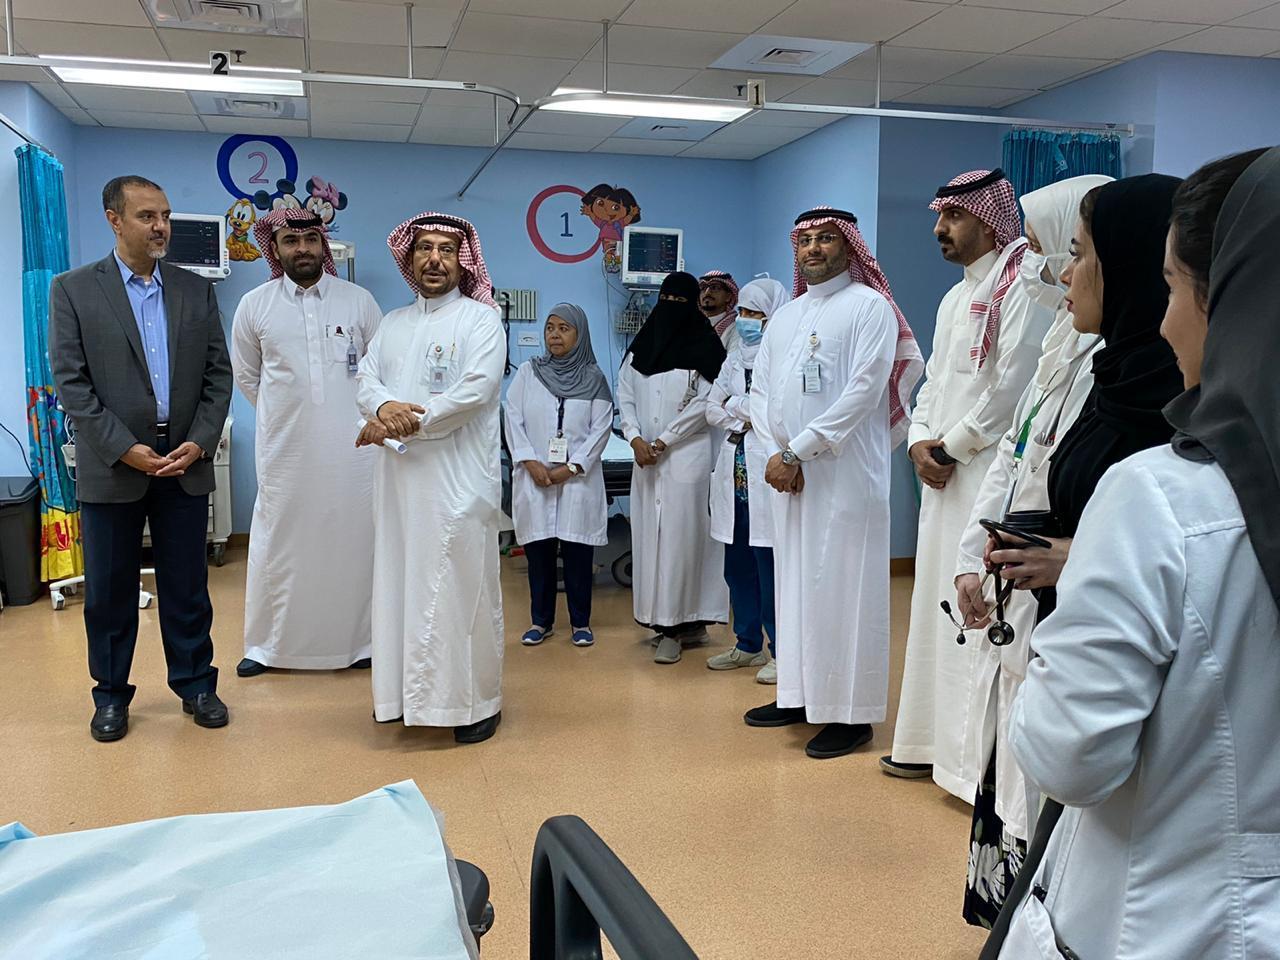 الدكتور الغامدي يتفقد منشآت التجمع الصحي الأول في الشرقية